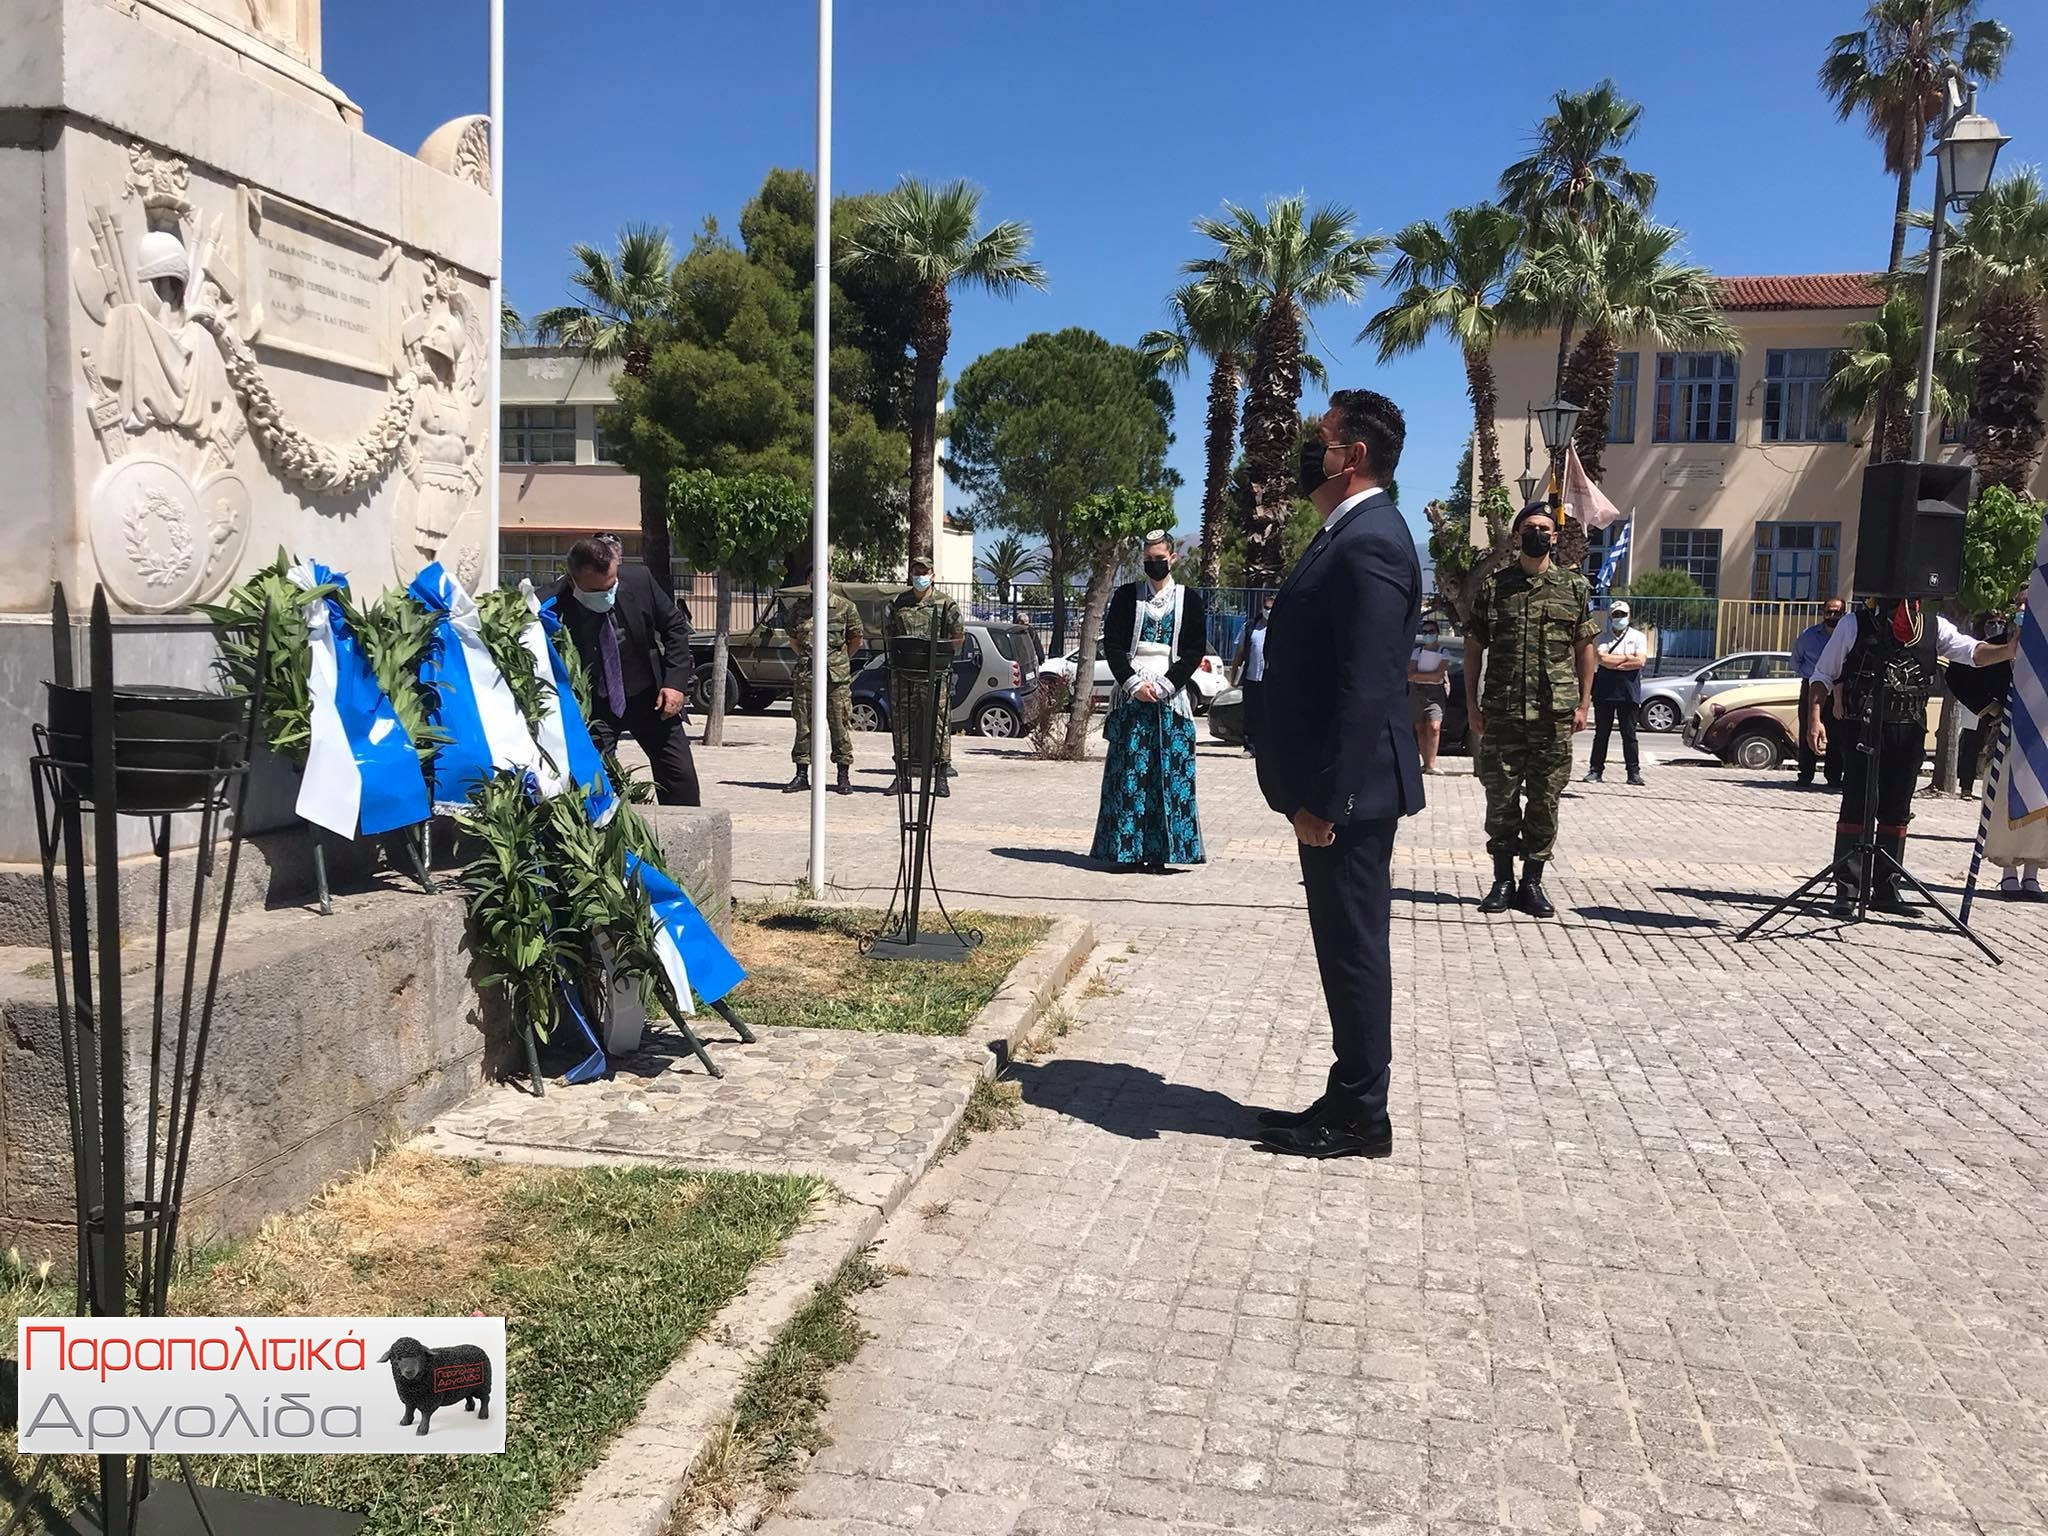 Ημέρα μνήμης της γενοκτονίας των Ελλήνων του Πόντου, στο Ναύπλιο